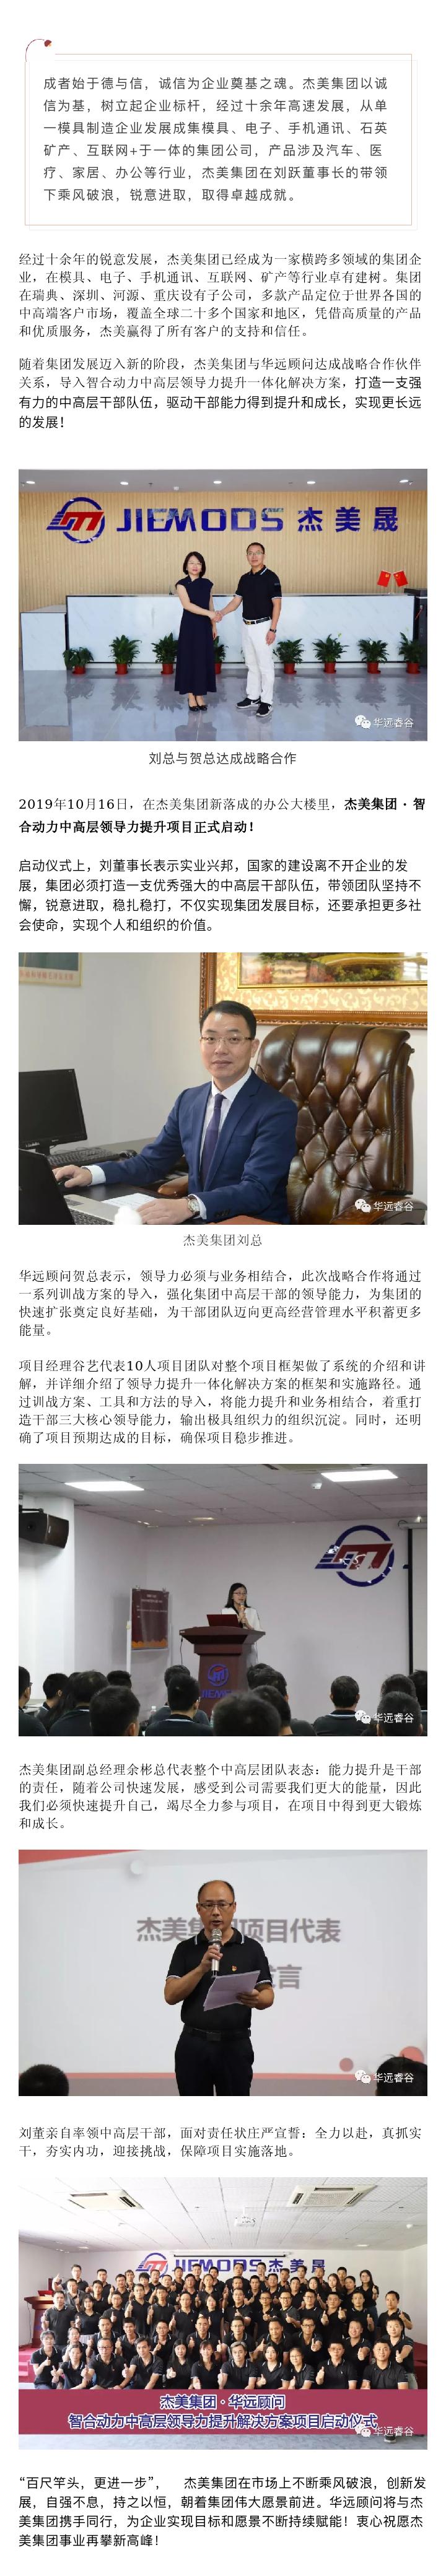 jiemeixiangmuqidong.png